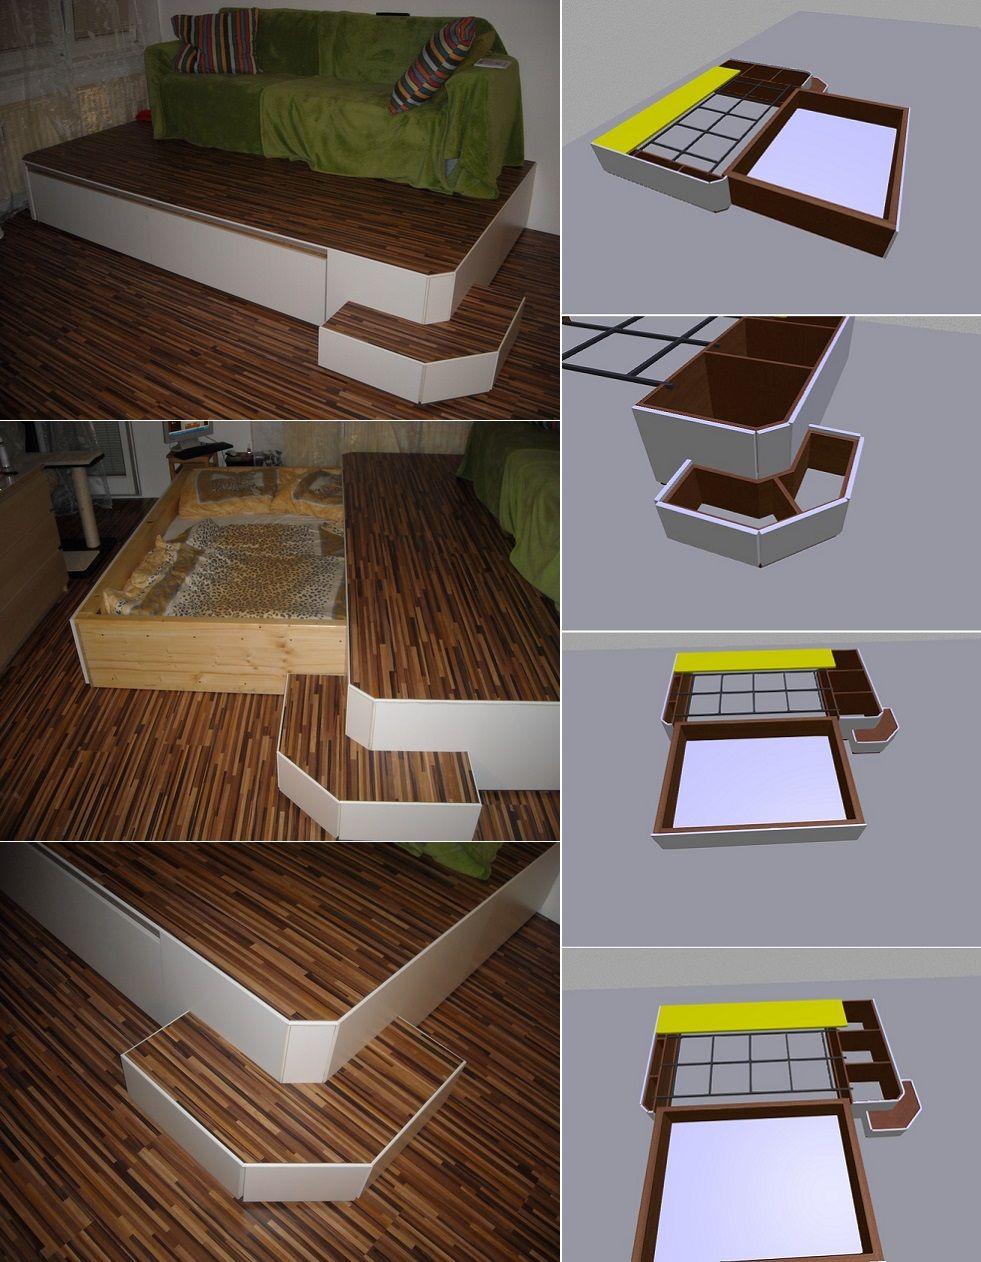 Wunderbar Maskieren Sie Das Bett Für Kleine Räume   DIY #Maskieren #Sie #das #Bett # Für #kleine #Räume #  #DIY